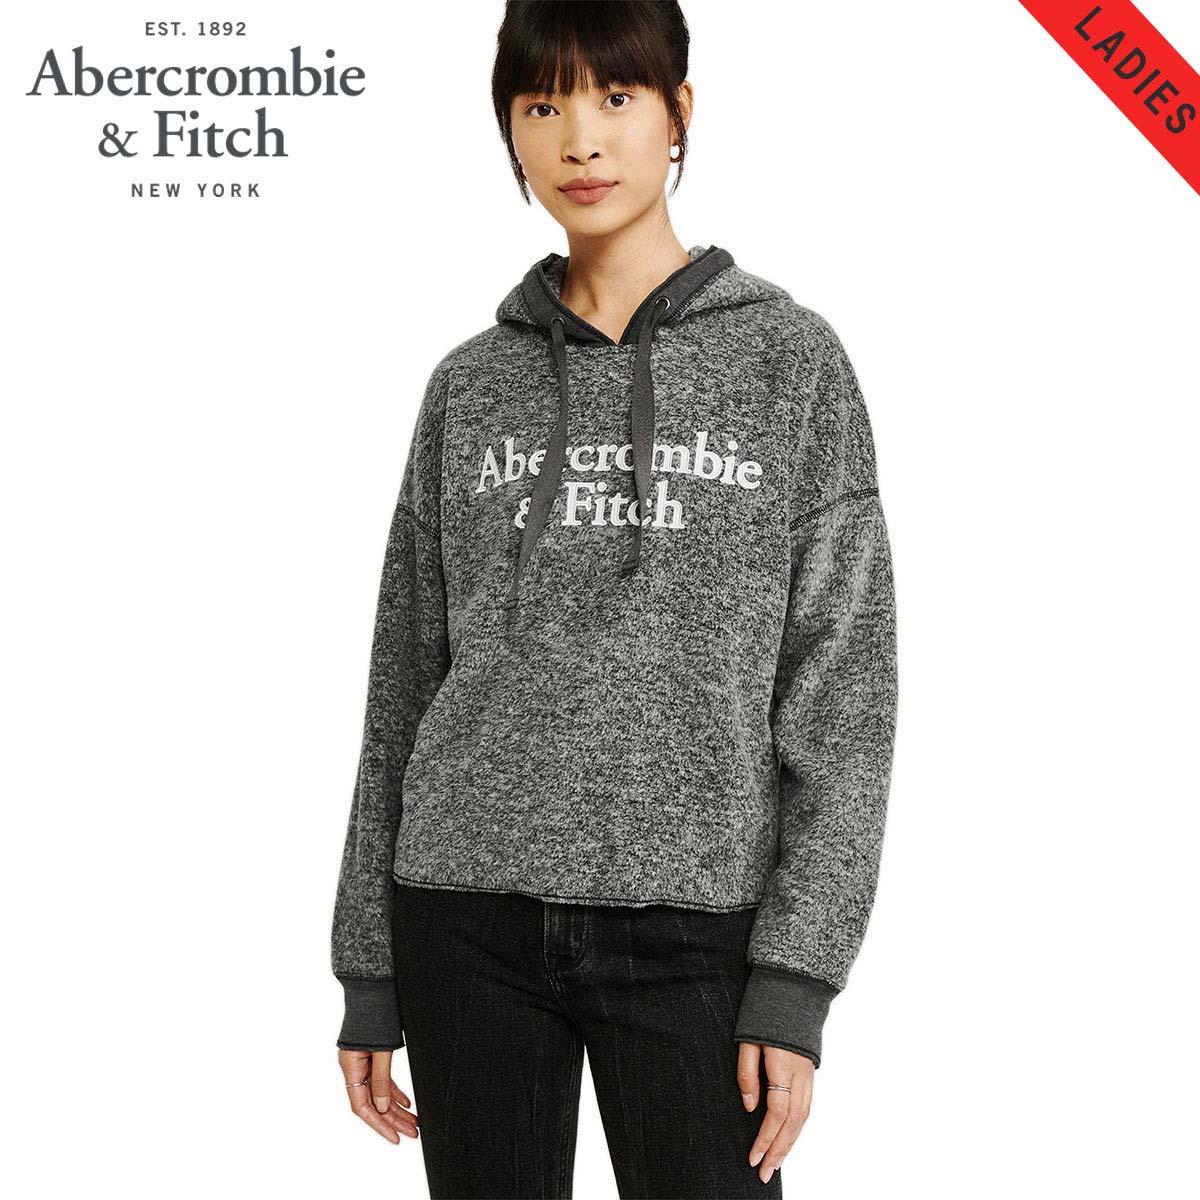 アバクロ パーカー レディース 正規品 Abercrombie&Fitch プルオーバーパーカー Fleece Hoodie 152-524-0107-132